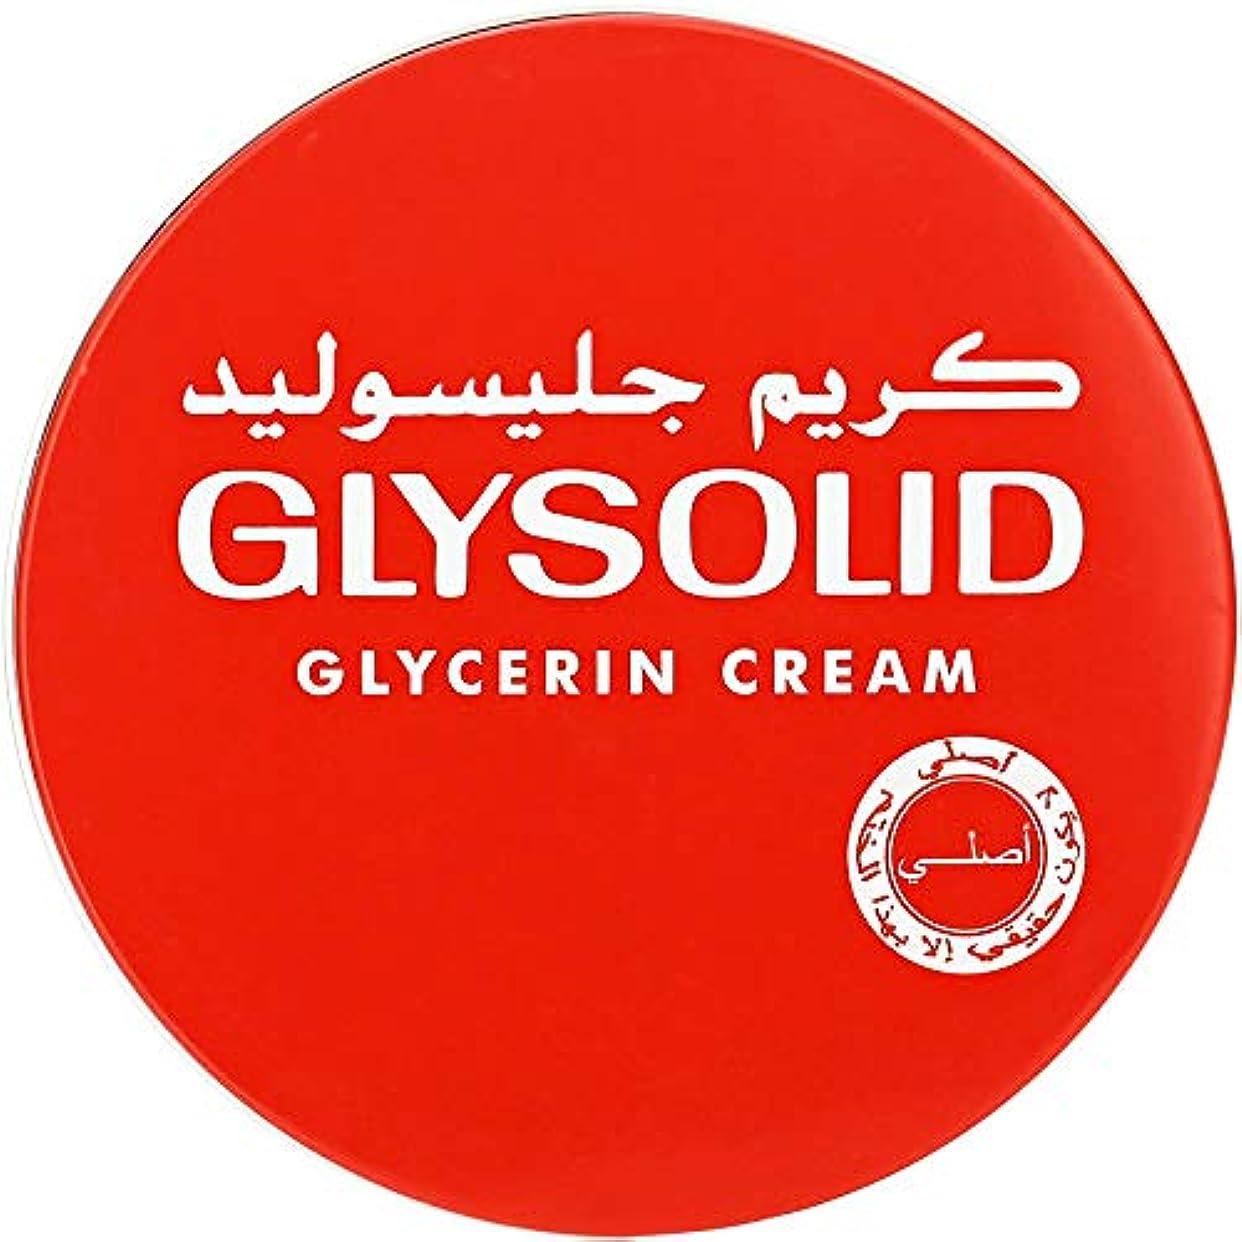 気を散らす緊急テストGlysolid Cream Face Moisturizers For Dry Skin Hands Feet Elbow Body Softening With Glycerin Keeping Your Skin...